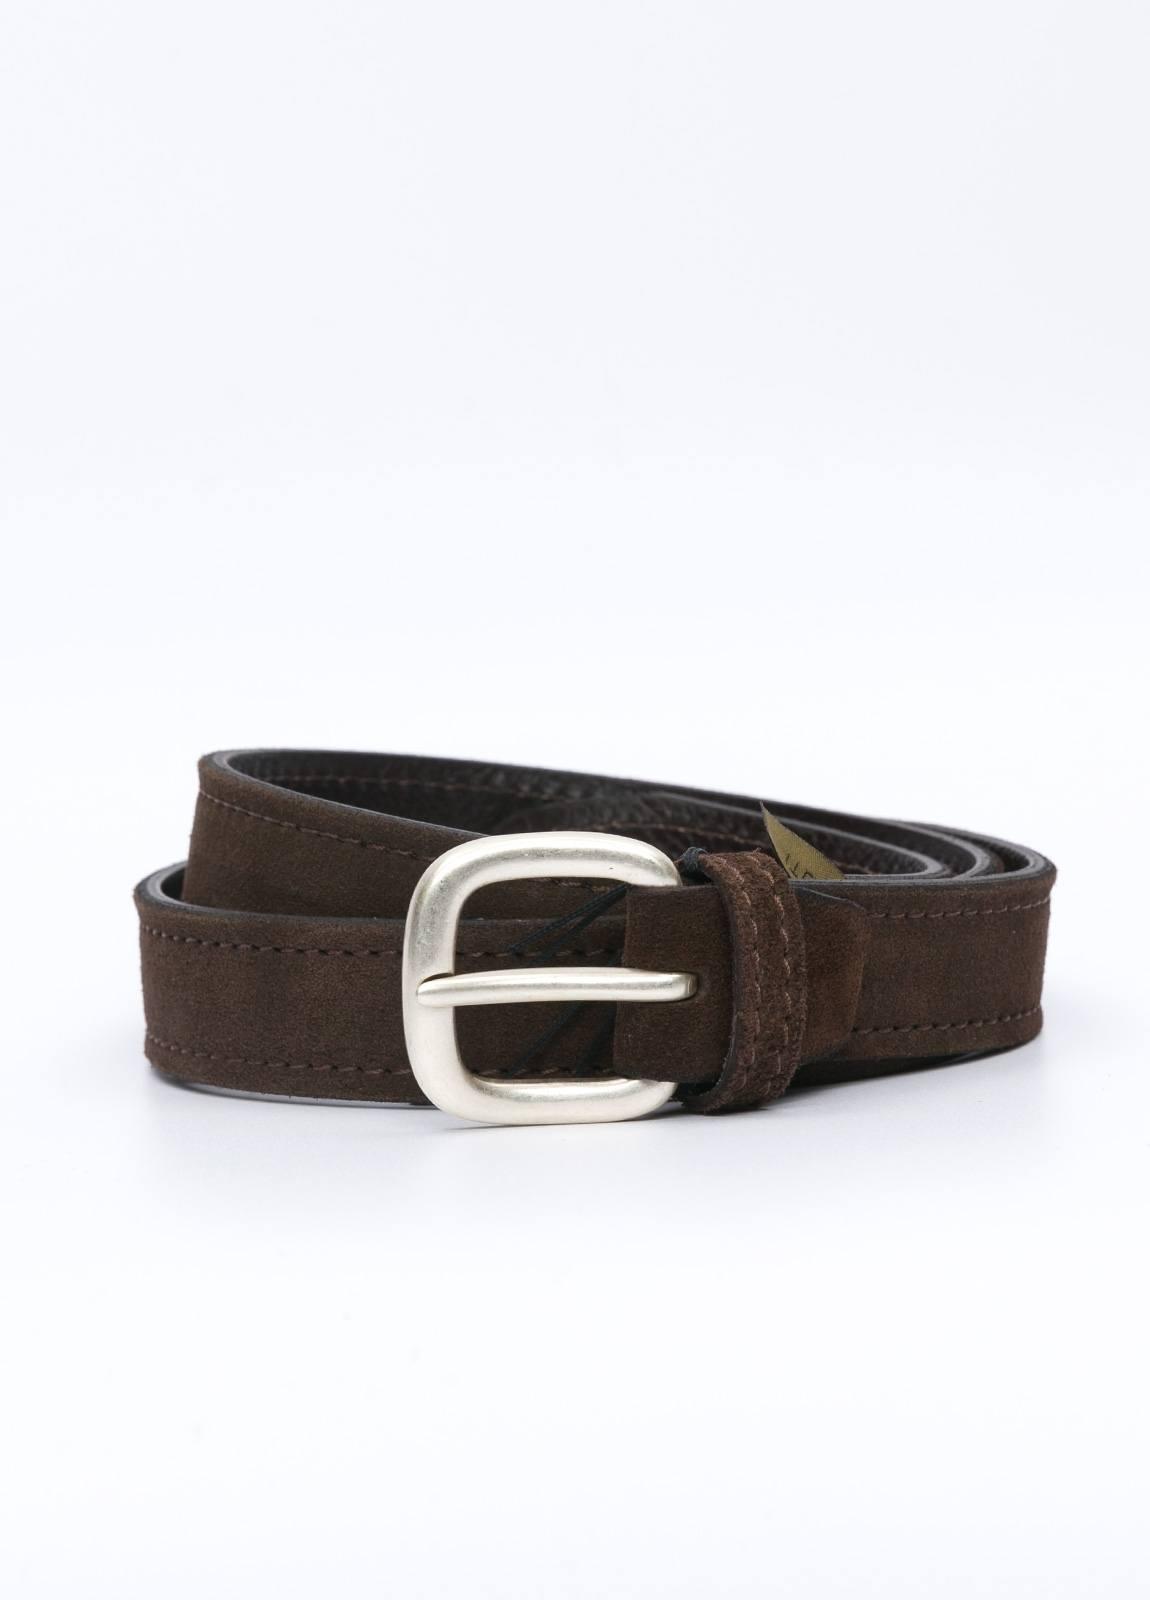 Cinturón sport piel liso color marrón. 100% Piel serraje.